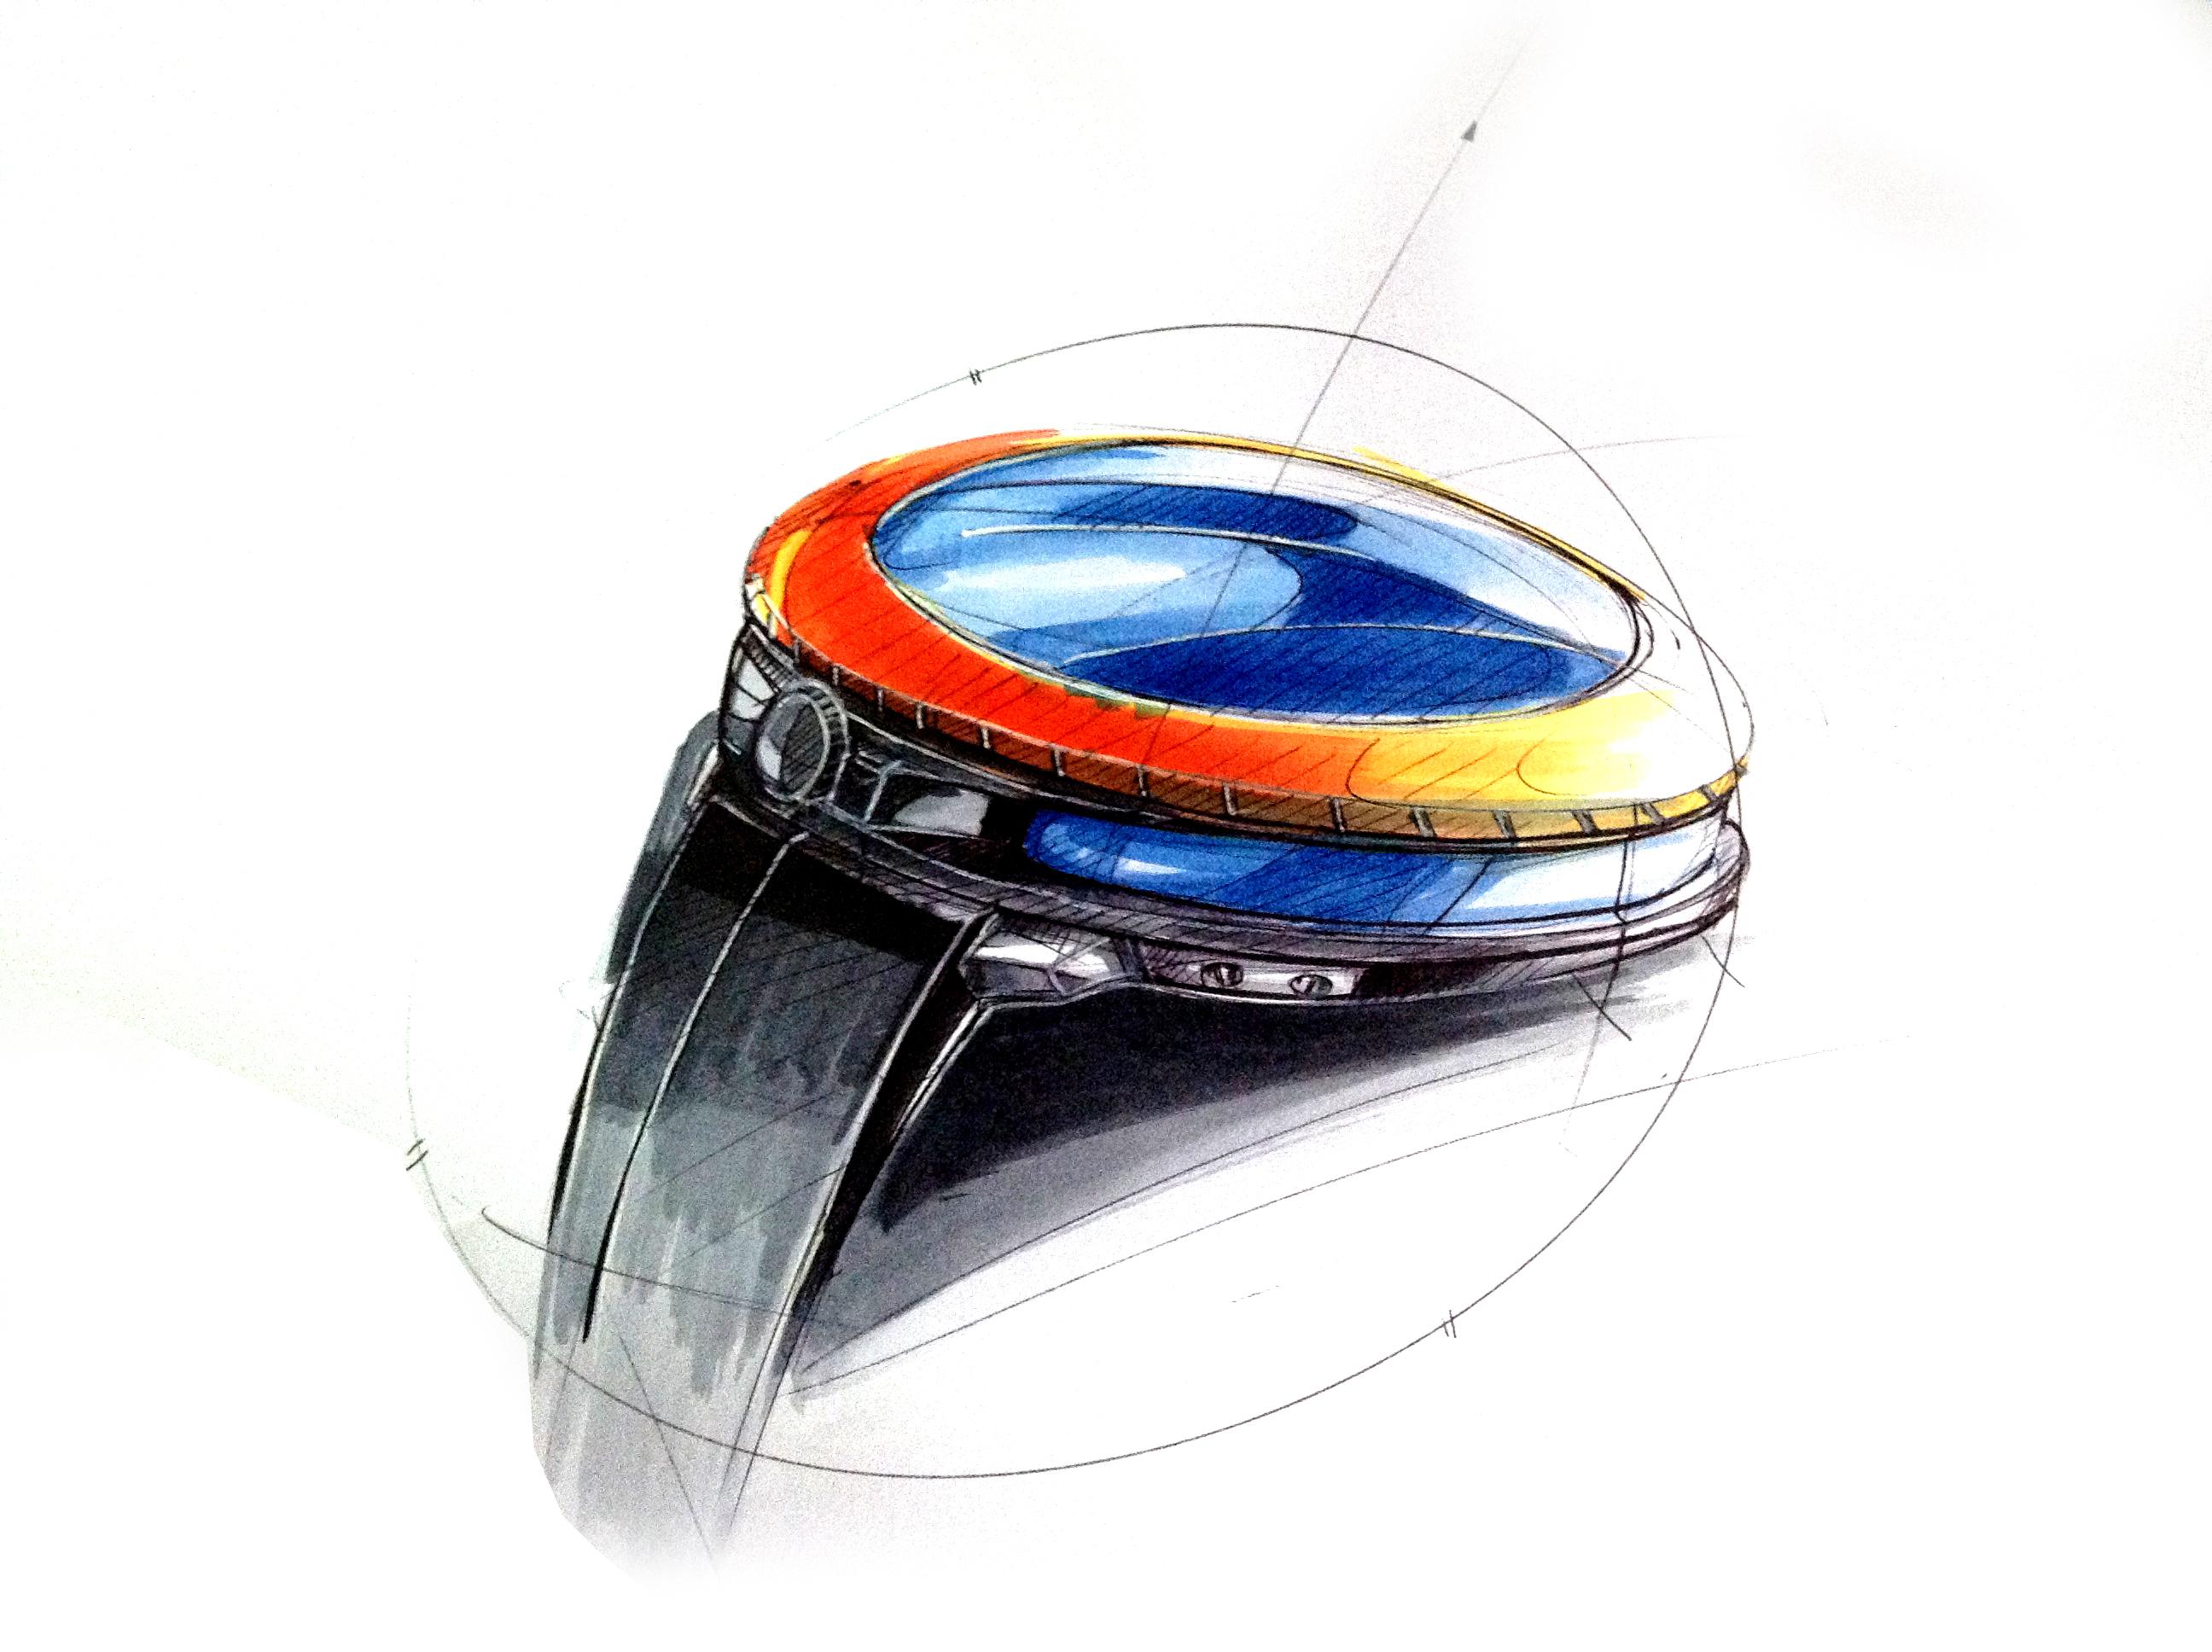 产品手绘|工业/产品|生活用品|周小者 - 原创作品